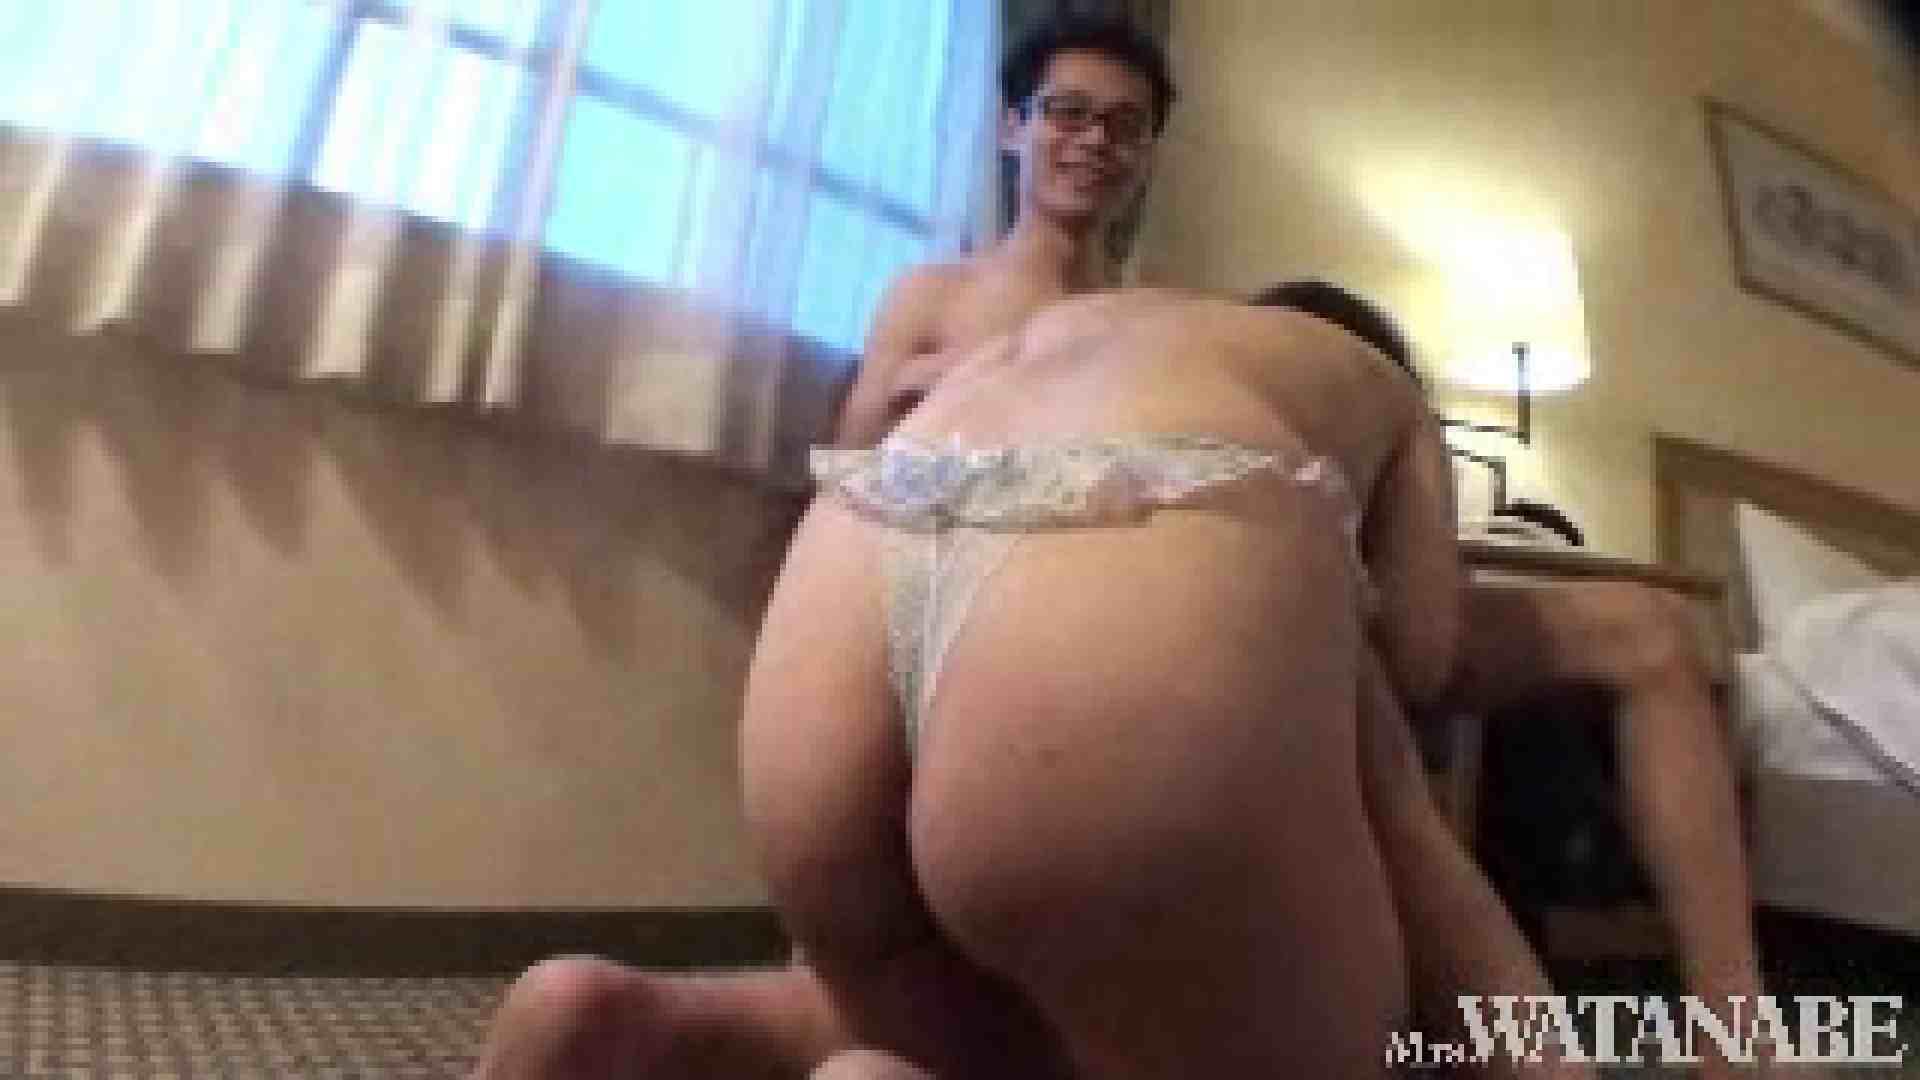 撮影スタッフを誘惑する痴熟女 かおり40歳 Vol.04 独身エッチOL | 熟女の女体  89pic 49